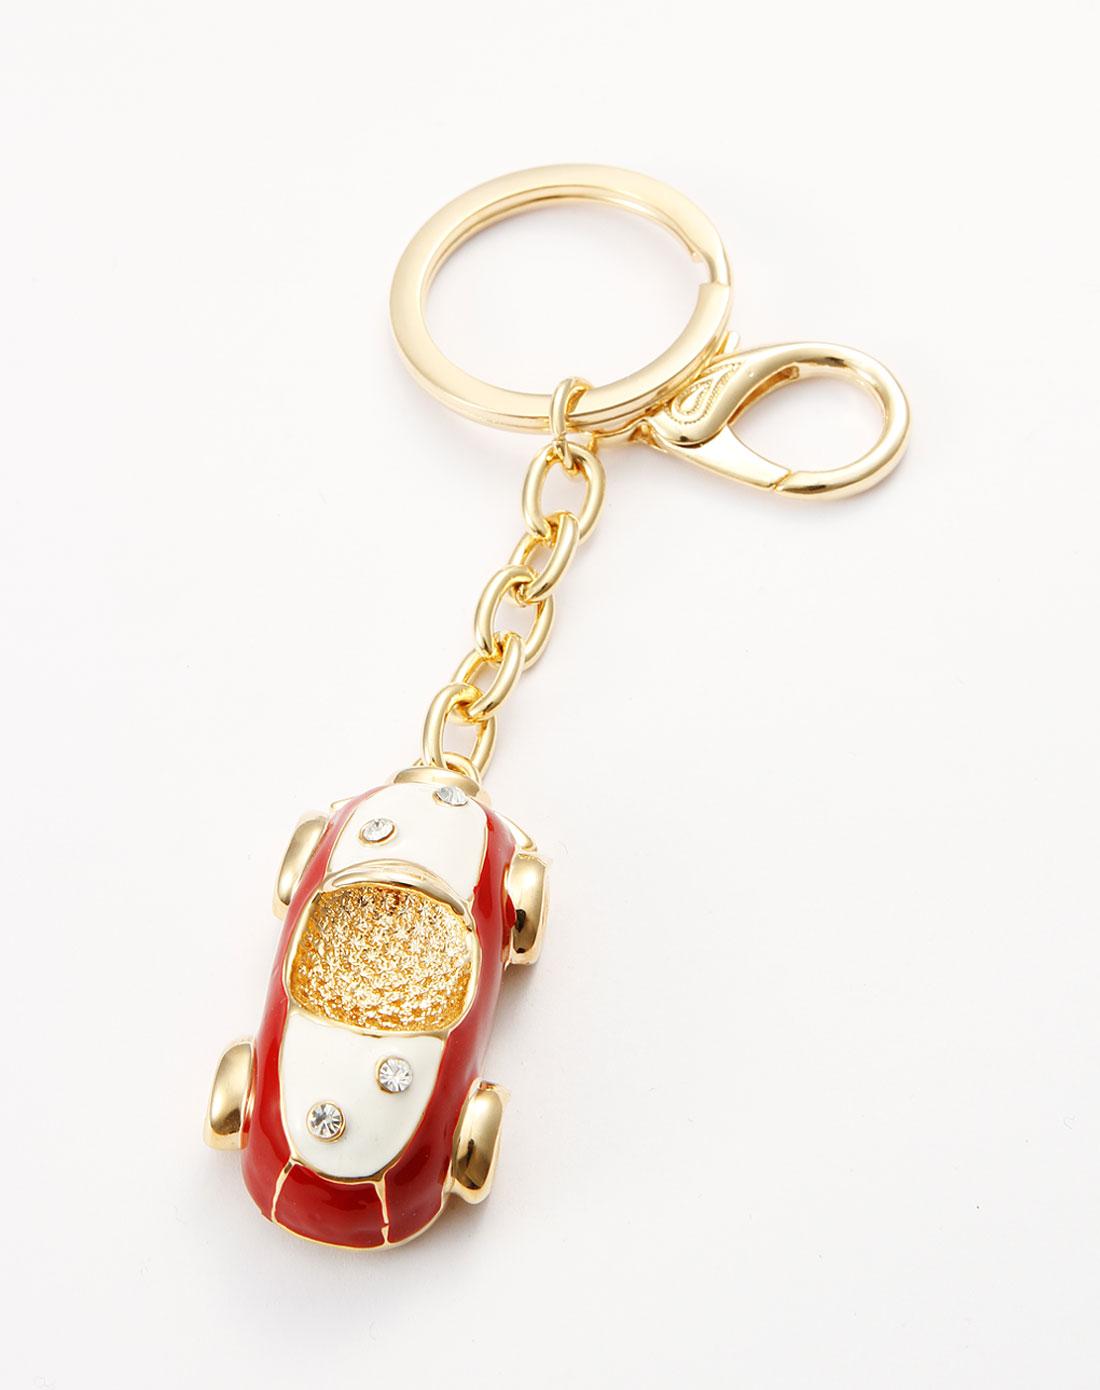 威妮华viennois-红/白/金色小汽车可爱钥匙扣